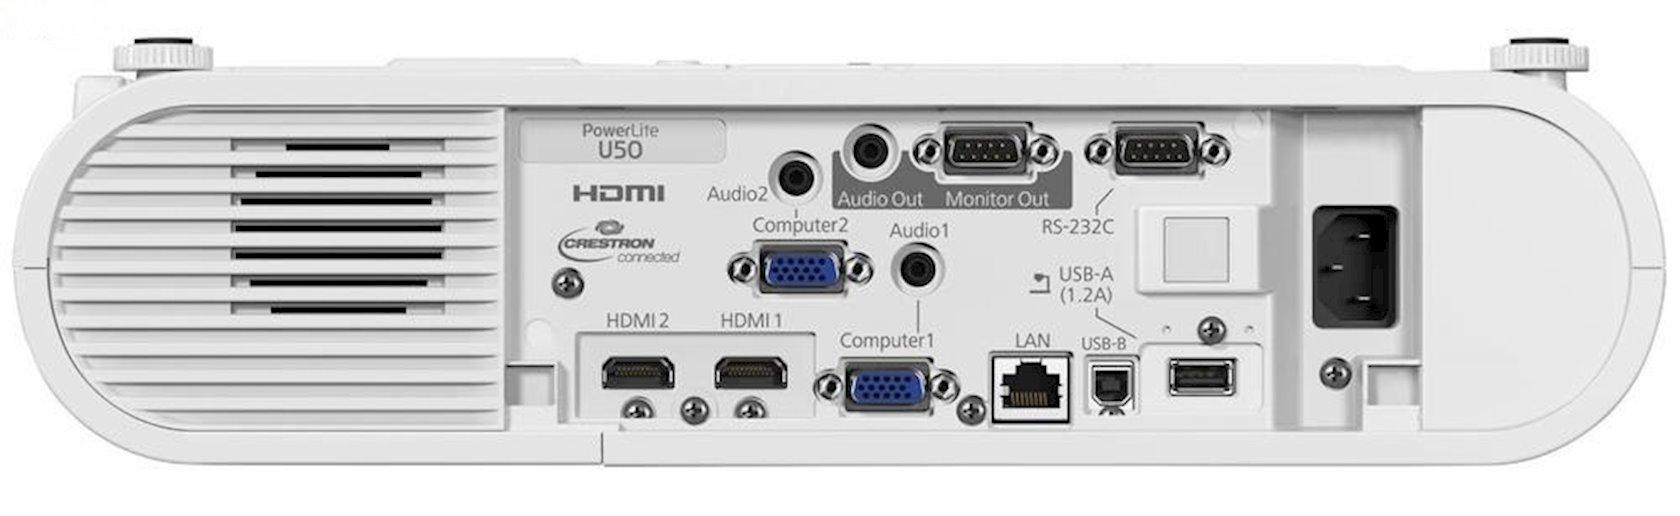 Proyektor Epson EB-U50 [220V]